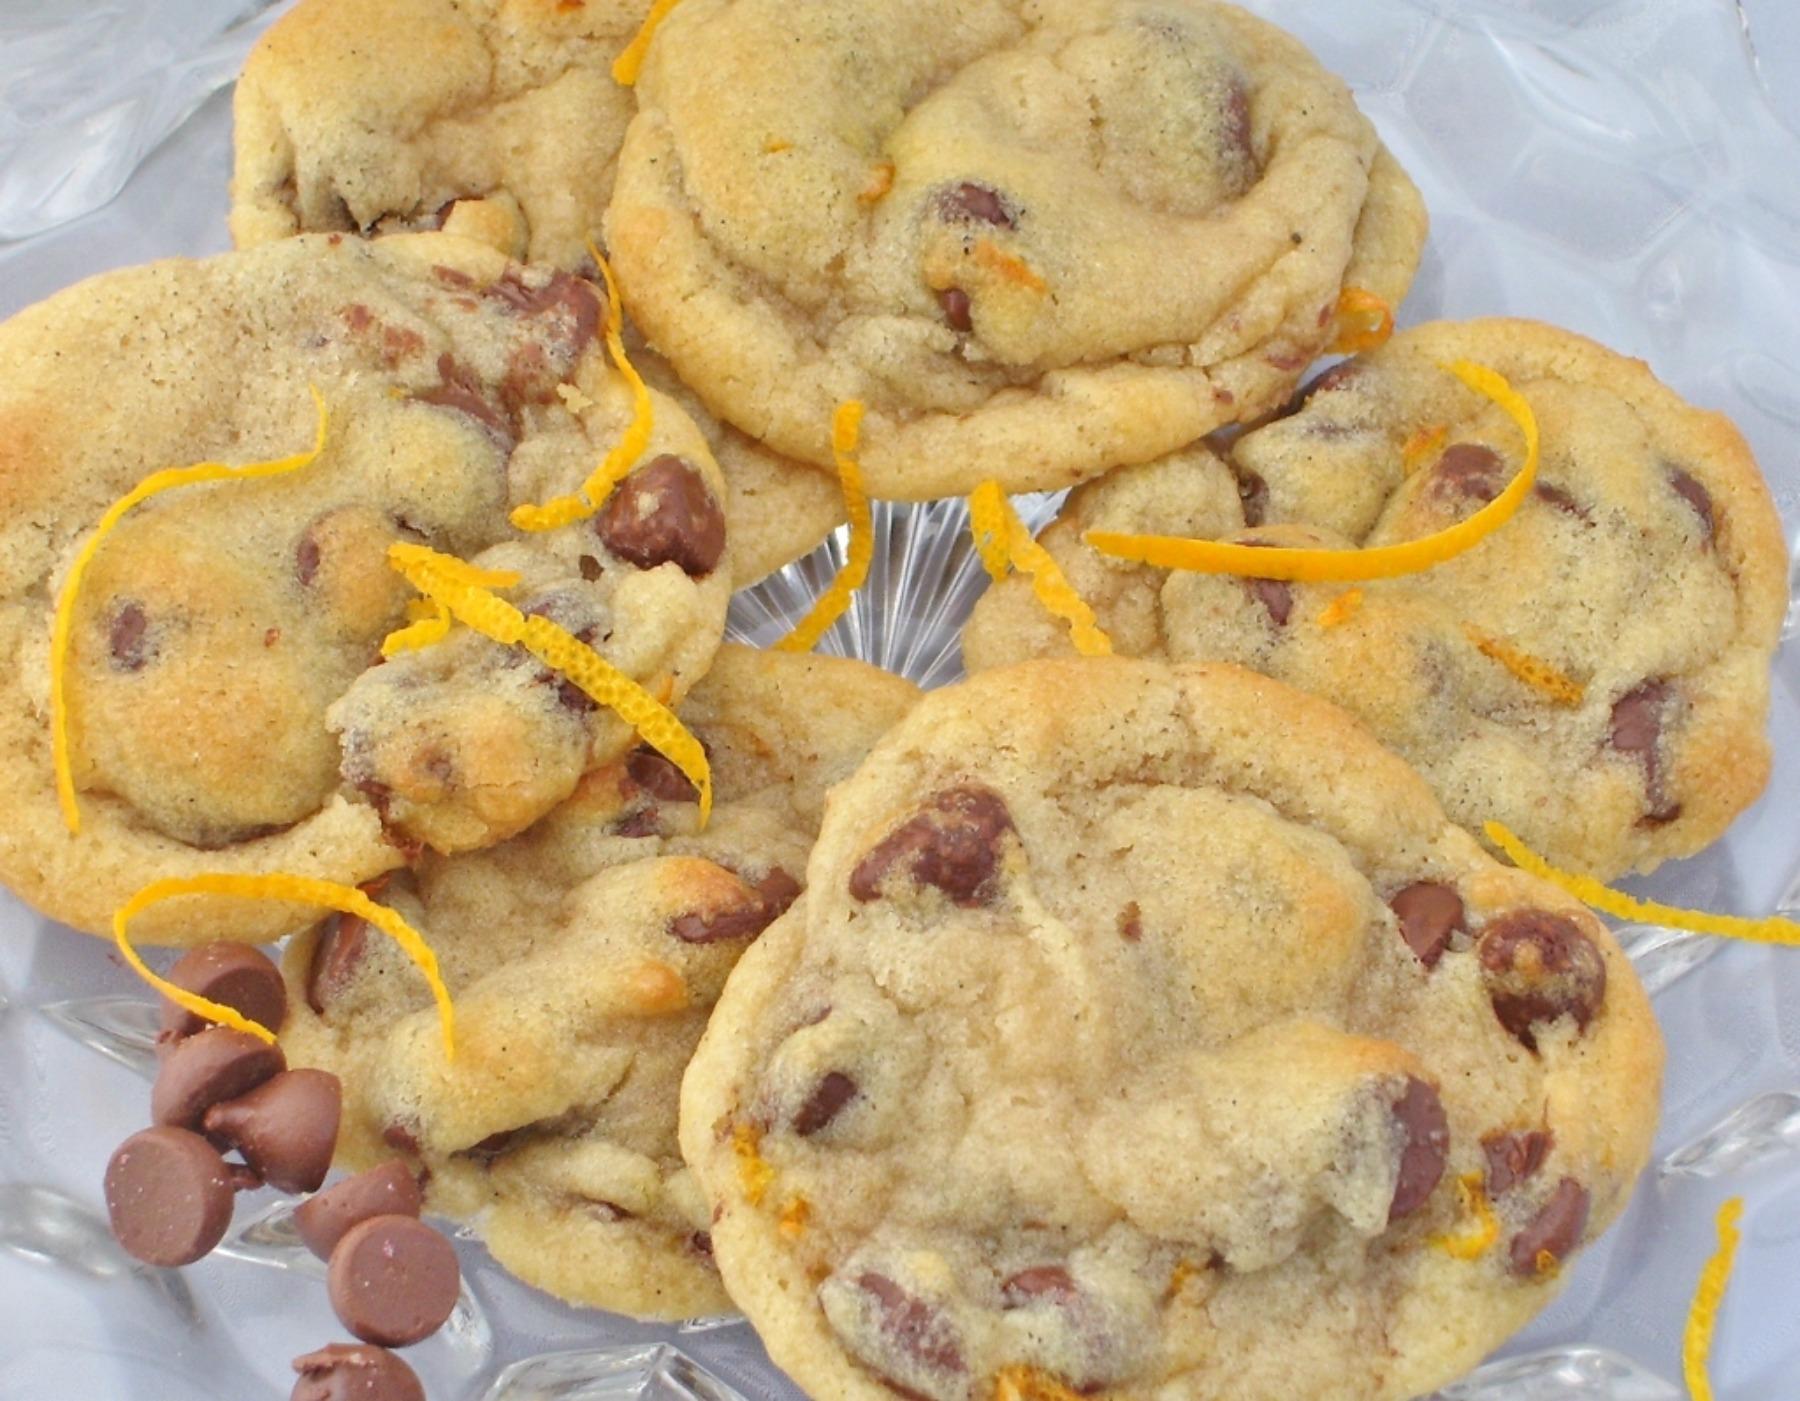 zesty orange choc chip cookies